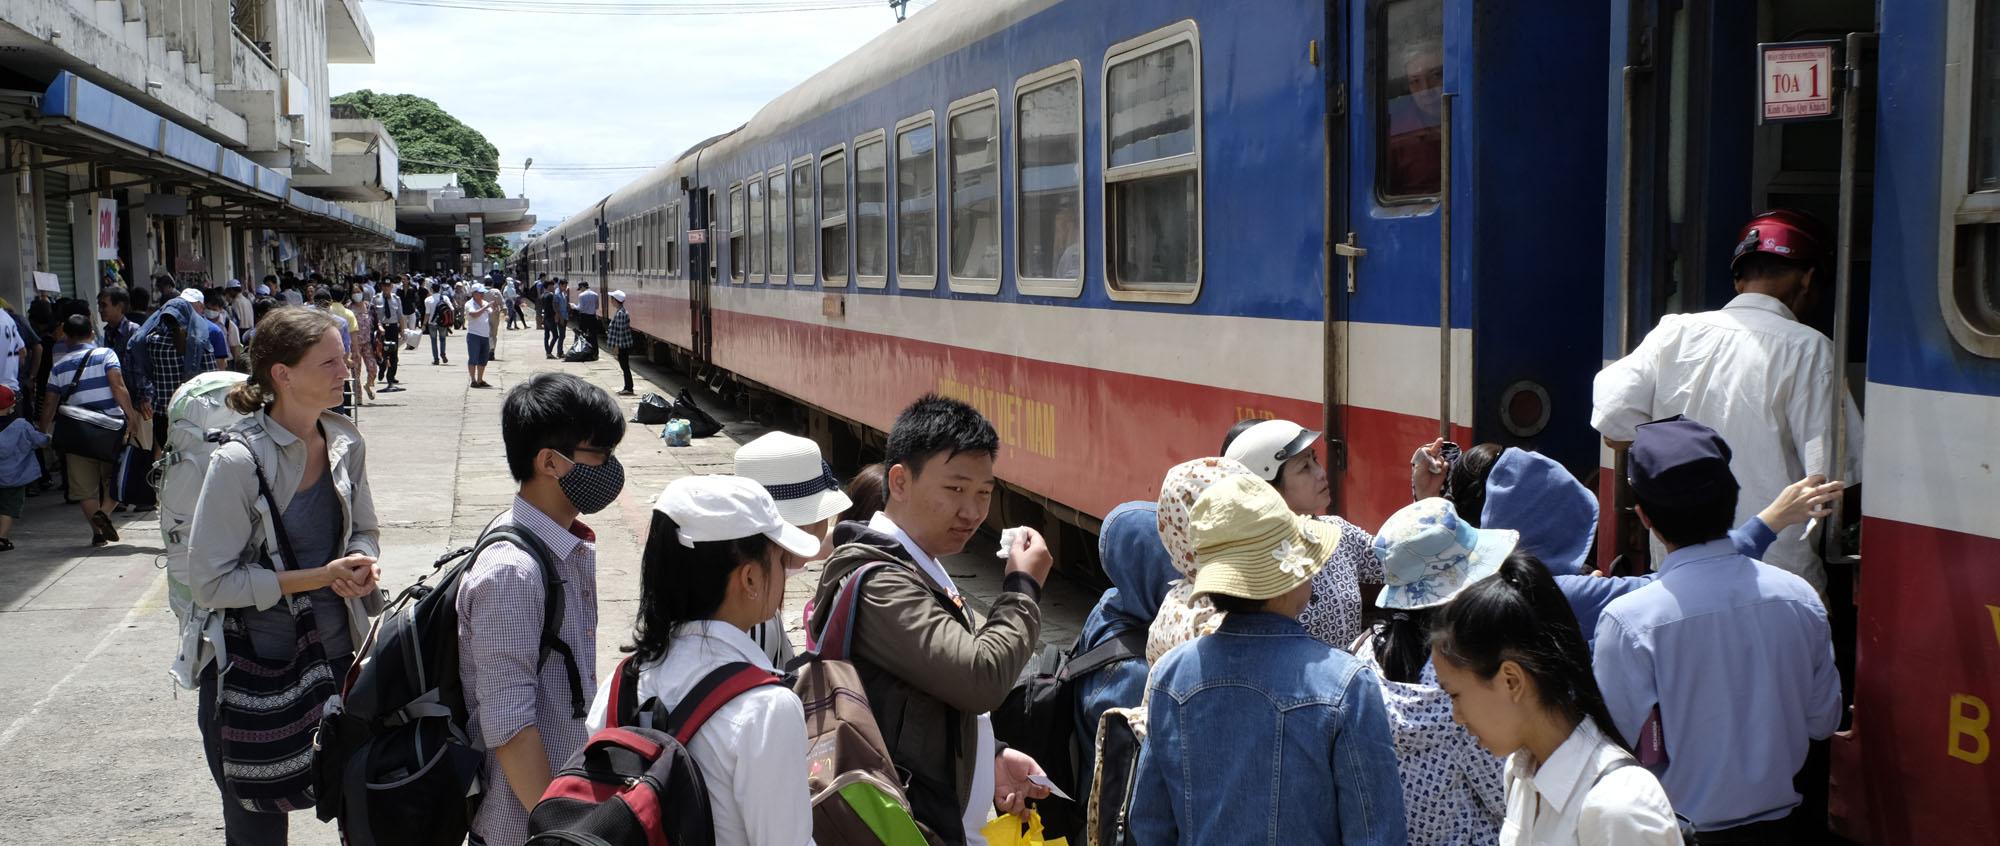 reise-ansichten Bahnfahrten Vietnam